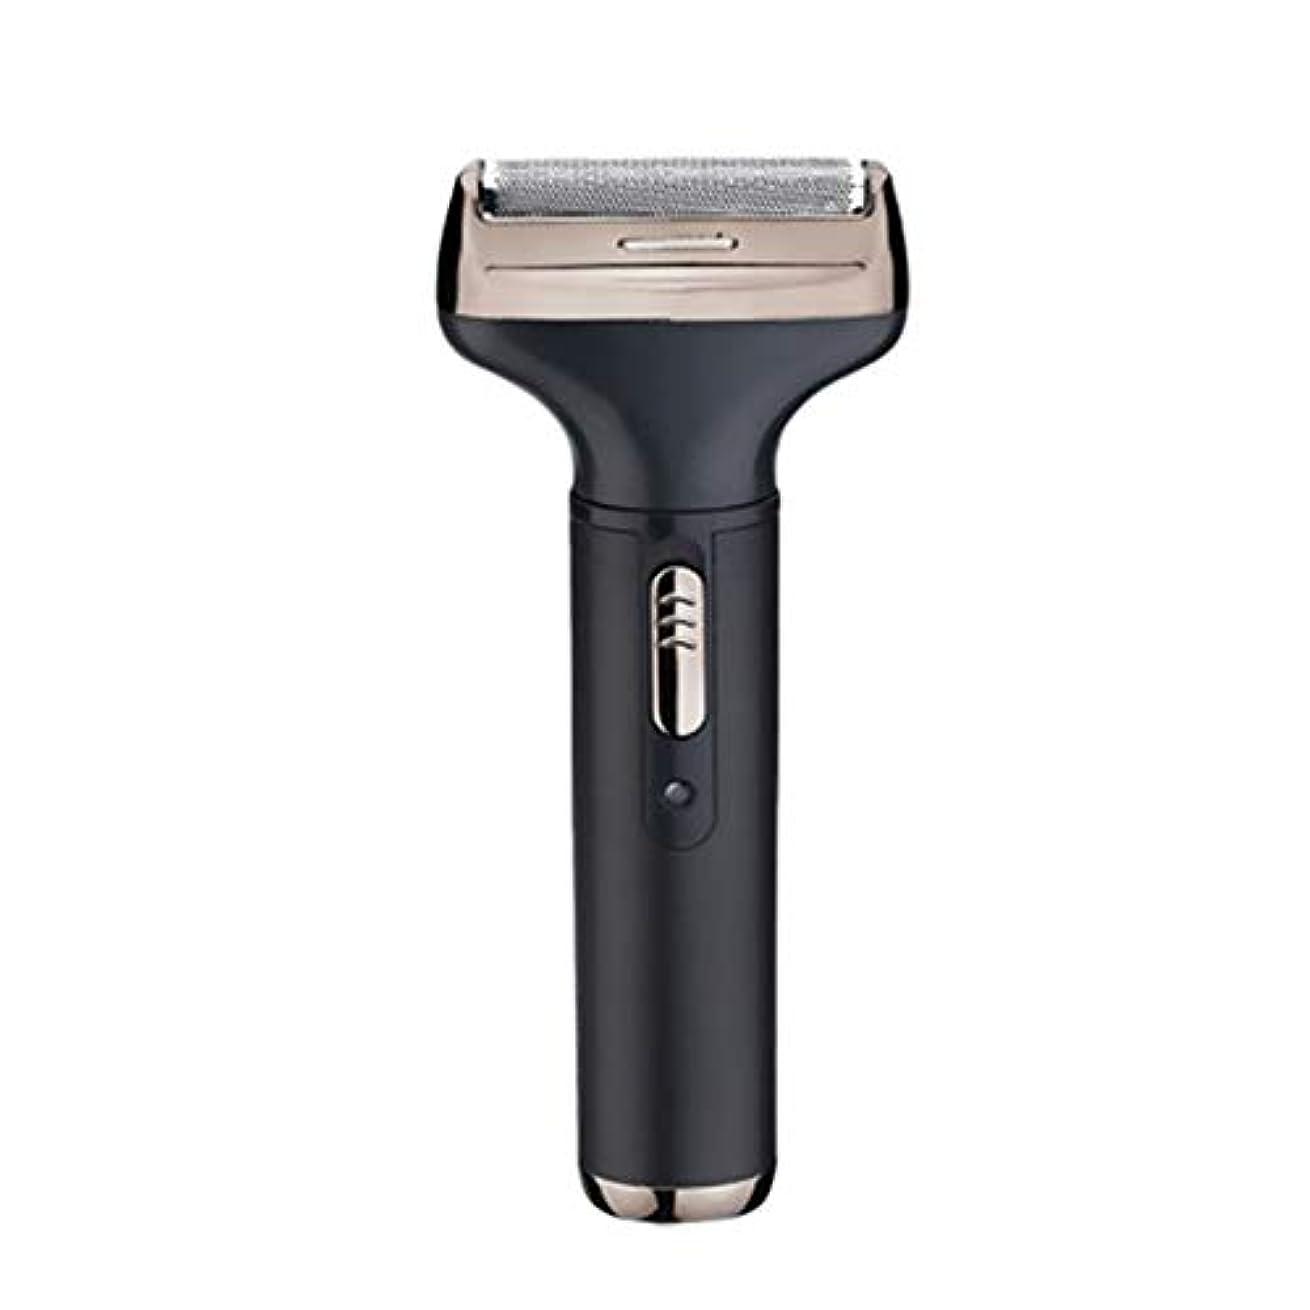 後者私たち教室電動鼻毛トリマーのワンボタンデザインは、使いやすく快適で使いやすい独自の切断システムにより、鼻から余分な髪を効果的かつ快適に除去します